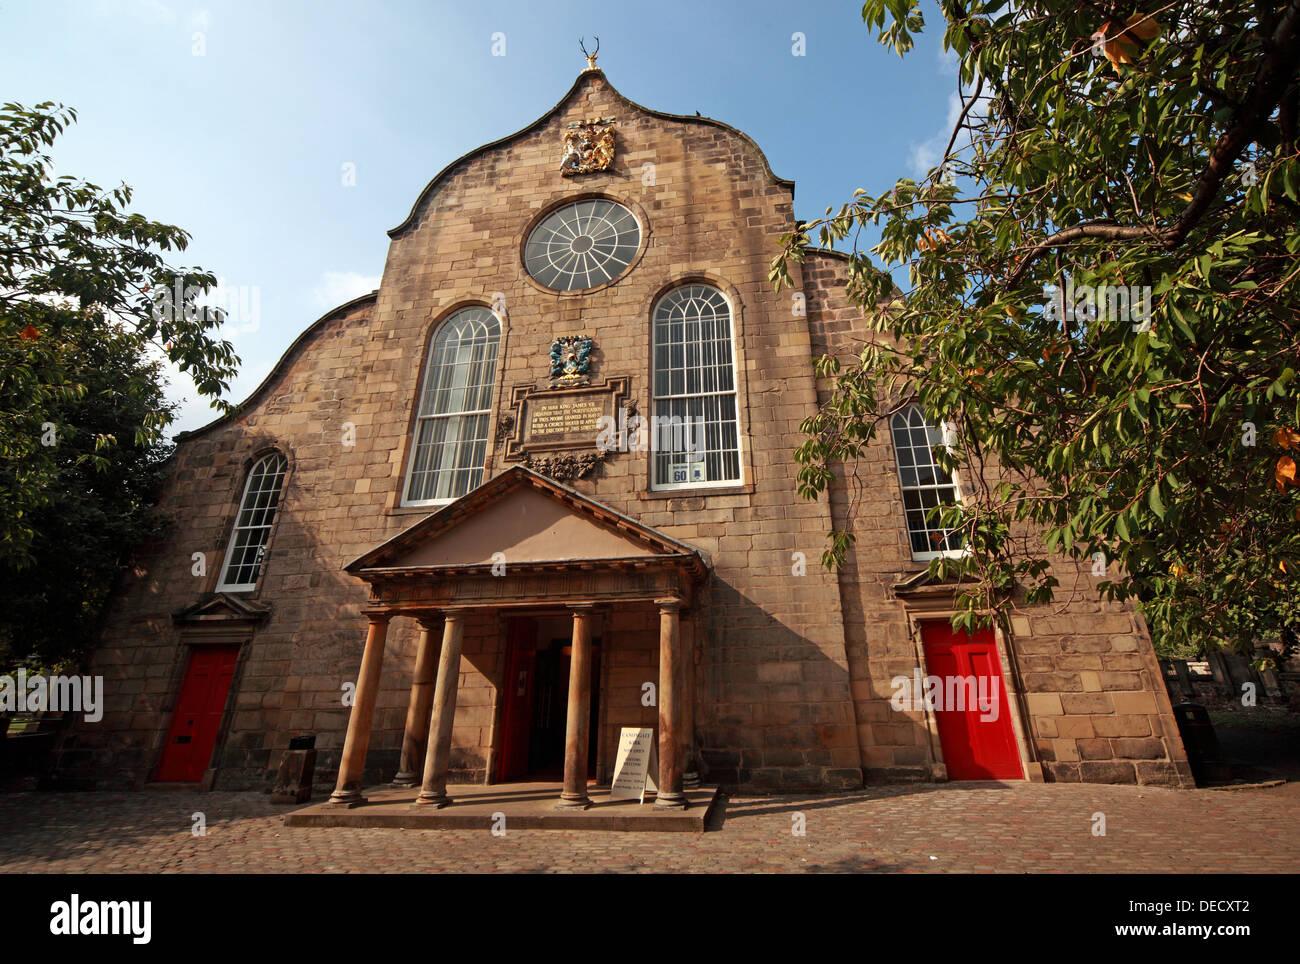 Laden Sie dieses Alamy Stockfoto Canongate Kirk Kirche Edinburgh Royal Mile, Schottland, UK außen - DECXT2